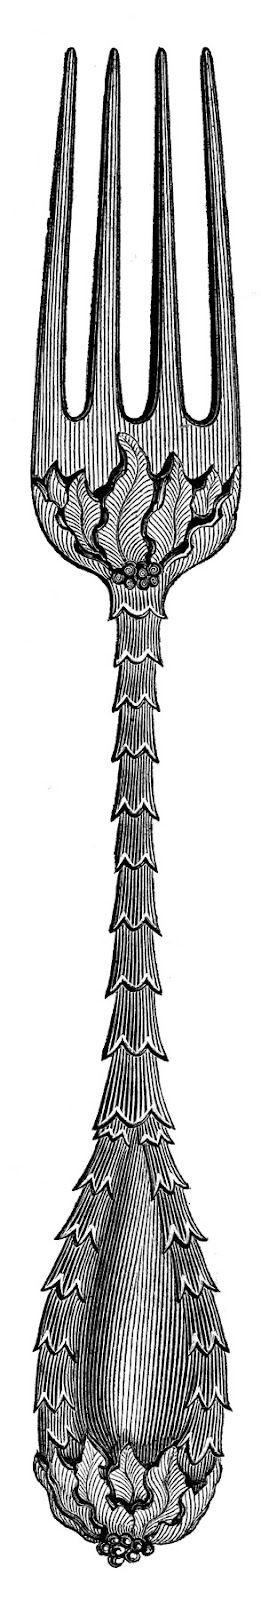 Vintage Clip Art - Fancy Utensils - Fork Spoon Knife ...